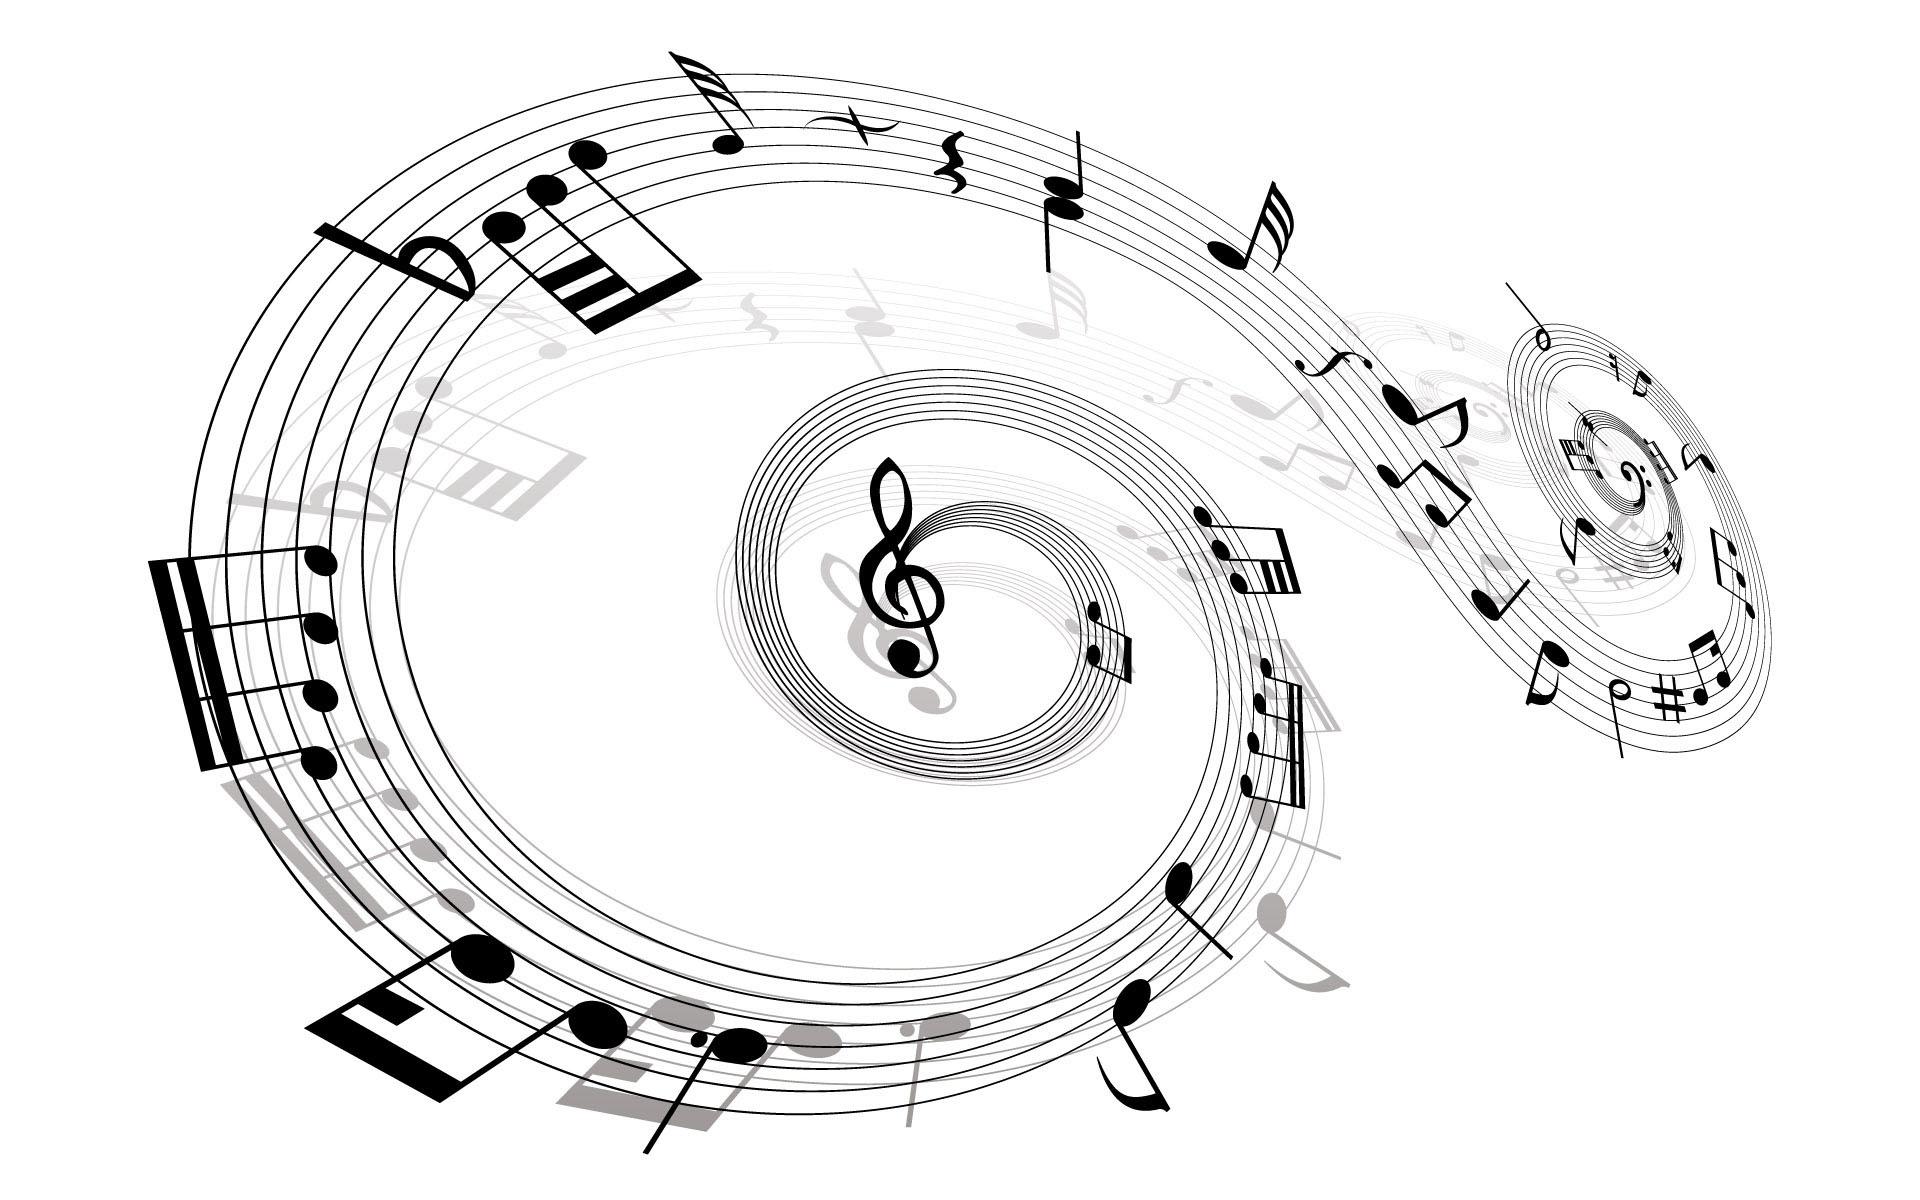 奇妙的音符创意ppt背景图片下载